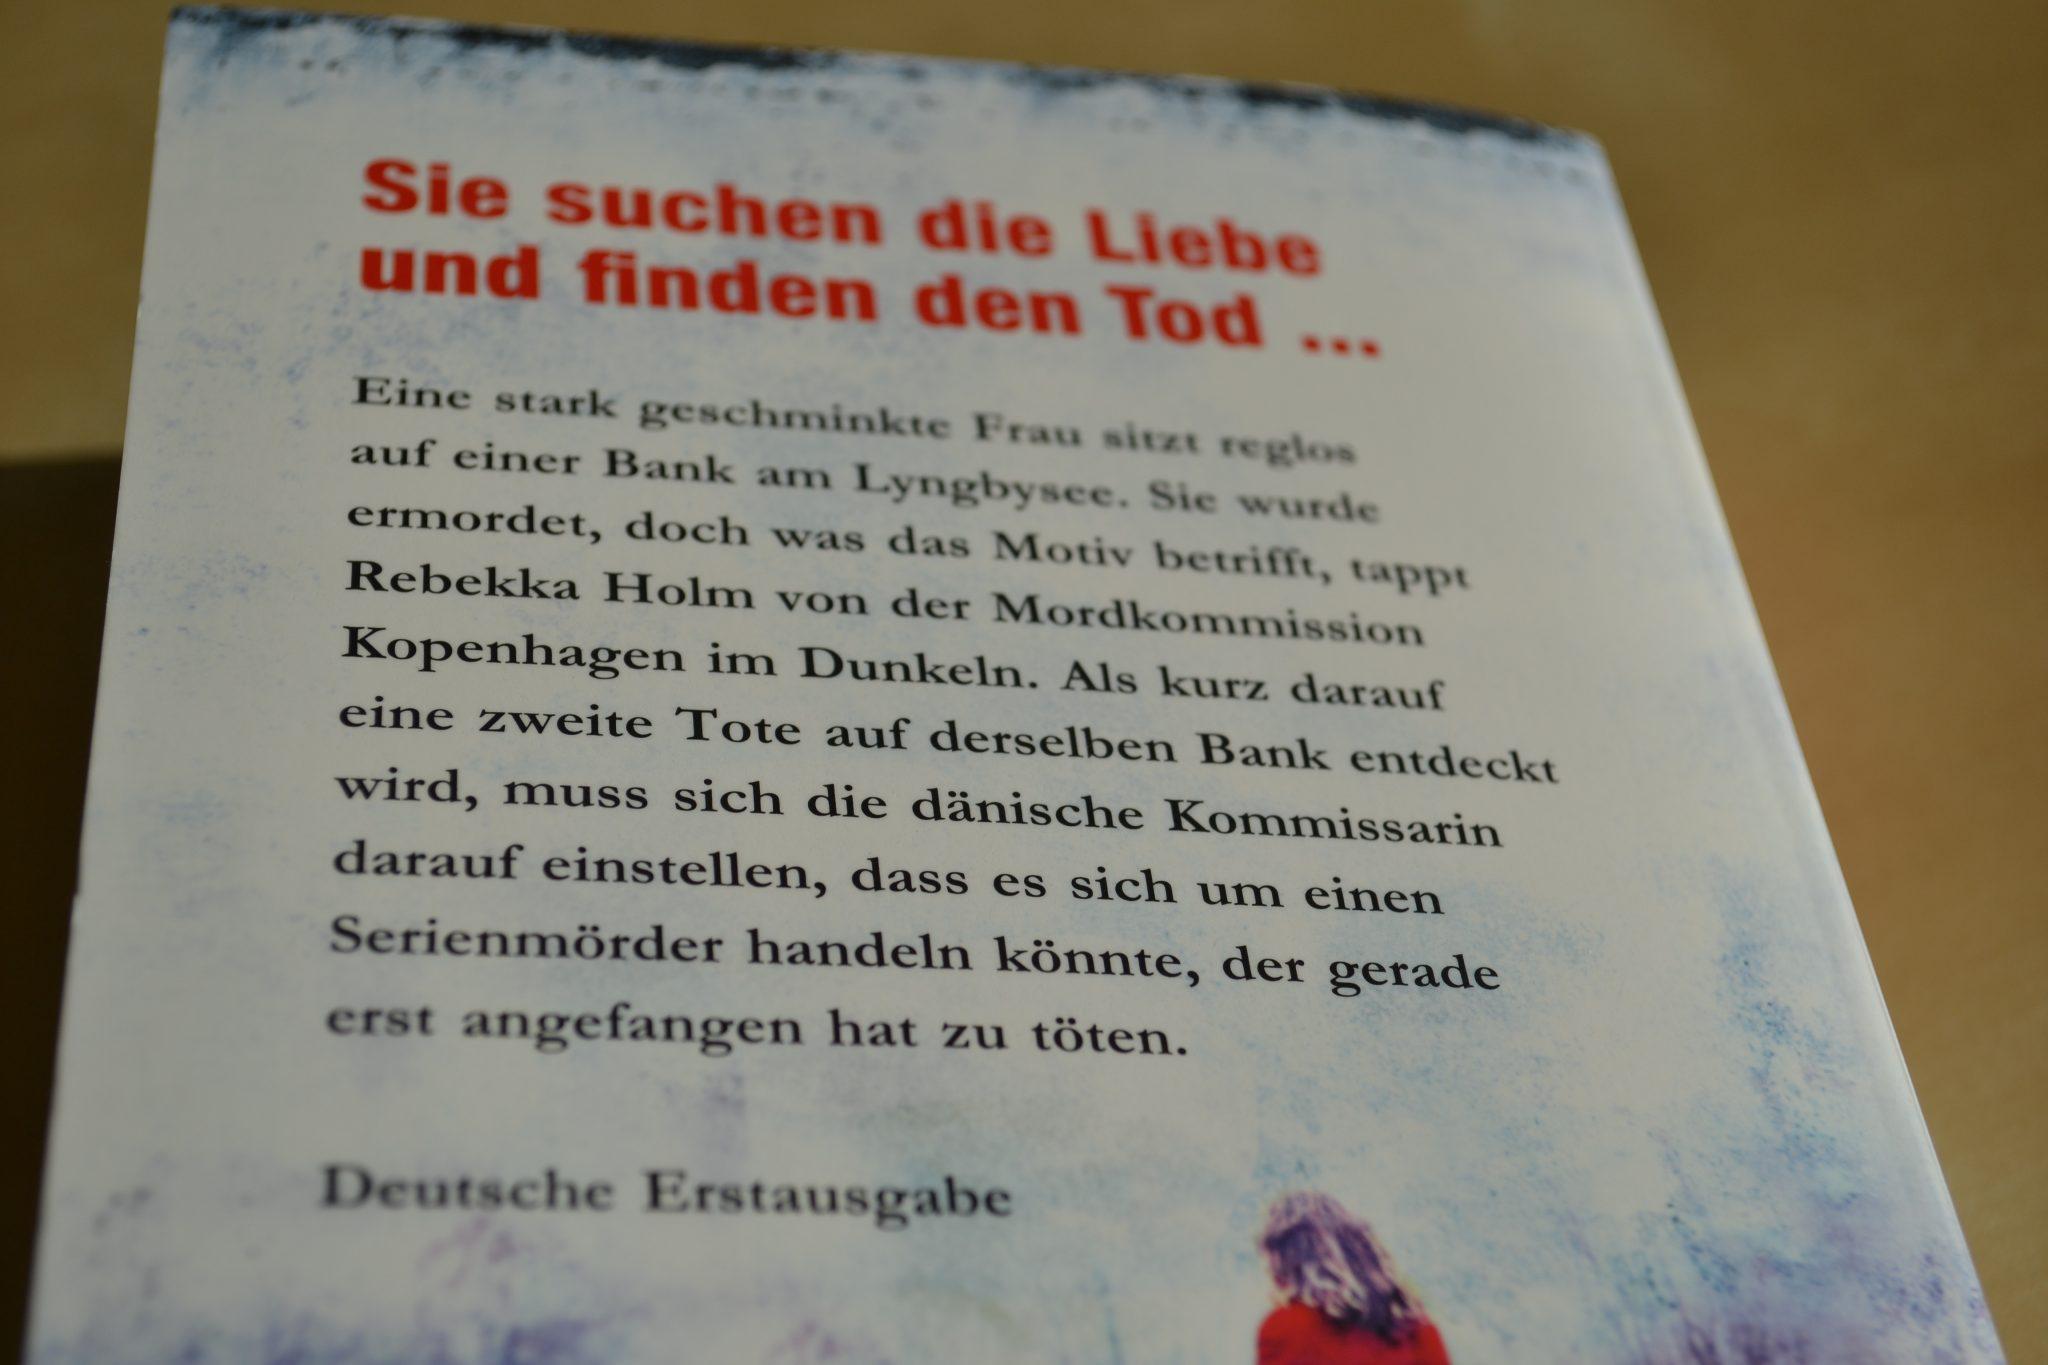 Books: Die Toten am Lyngbysee | Julie Hastrup - dsc 0562